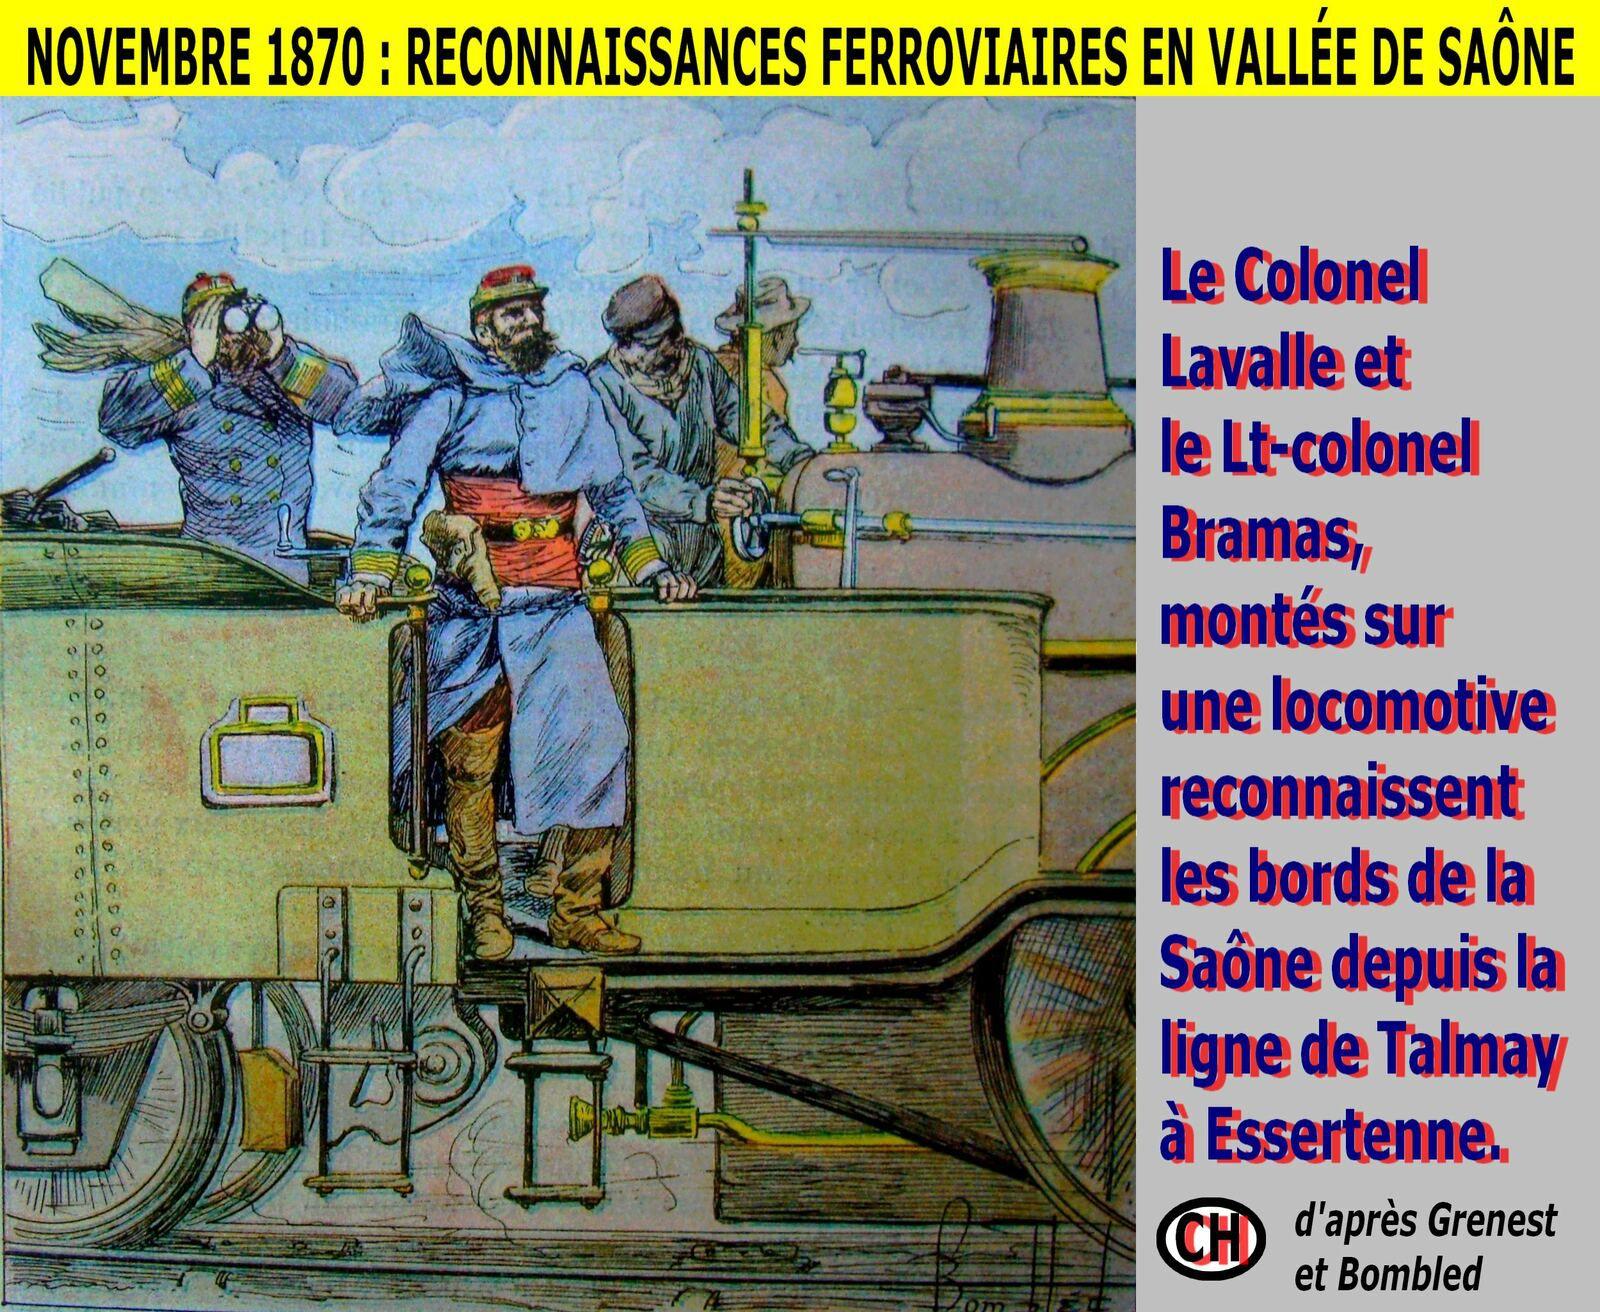 Novembre 1870, reconnaissances ferroviaires en Vallée de Saône.jpg